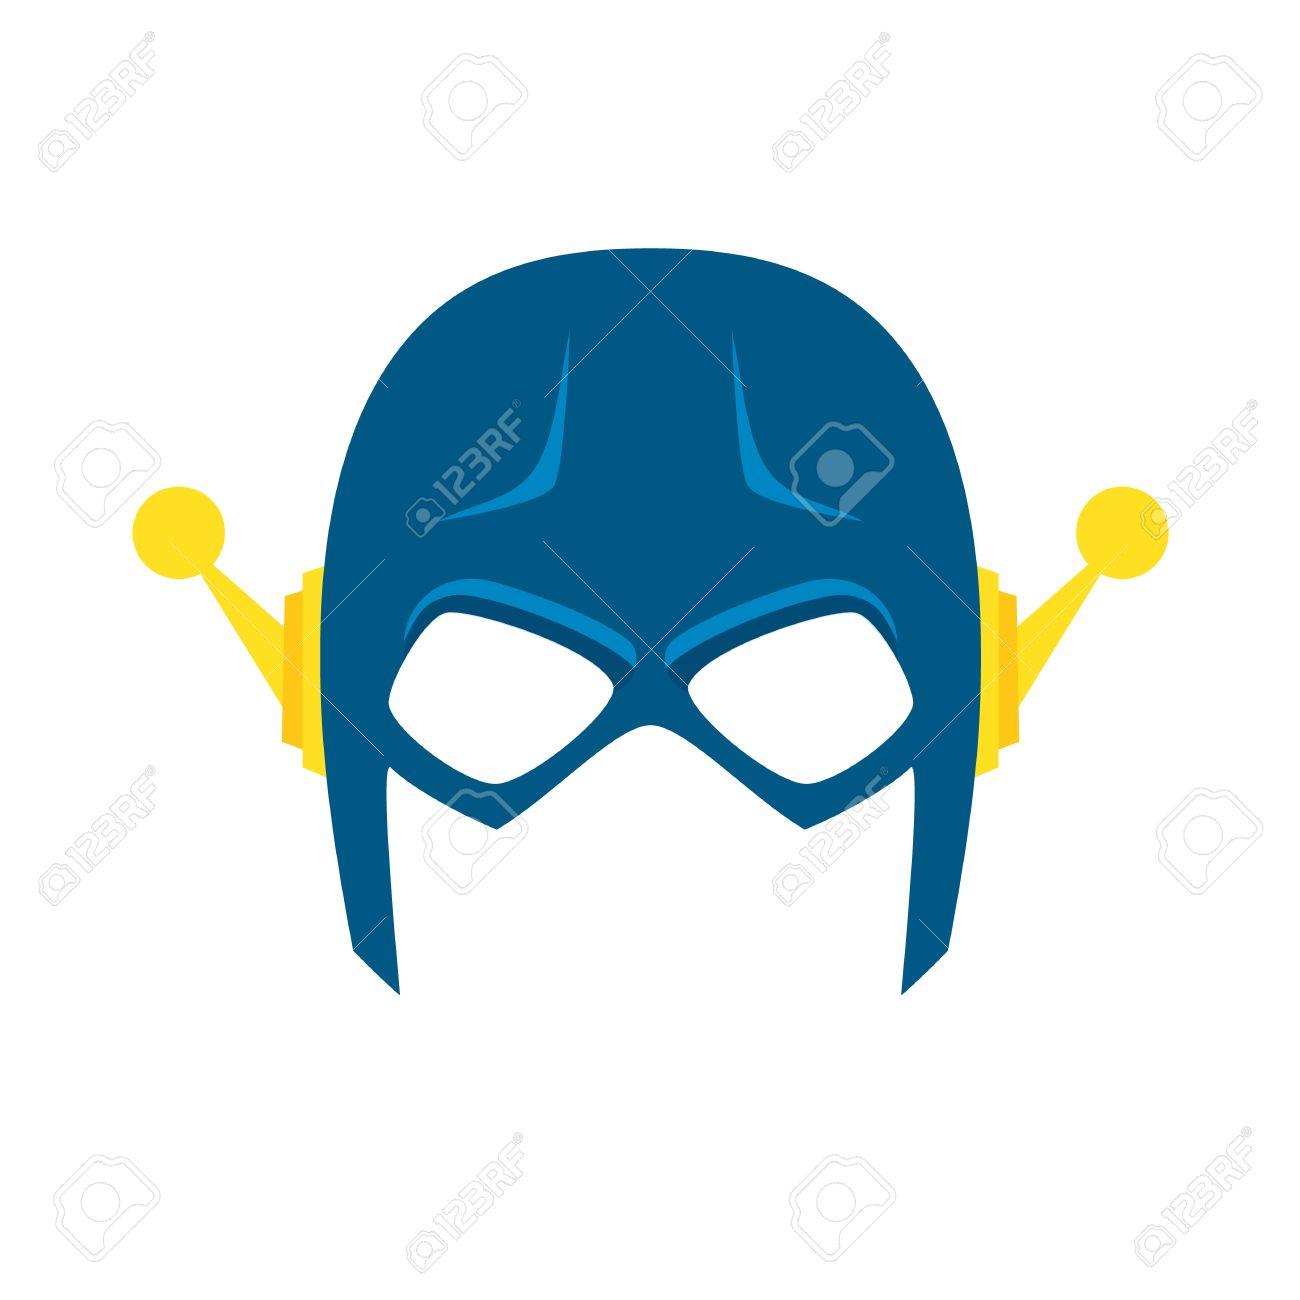 Großartig Superhelden Masken Vorlagen Fotos - Beispiel ...